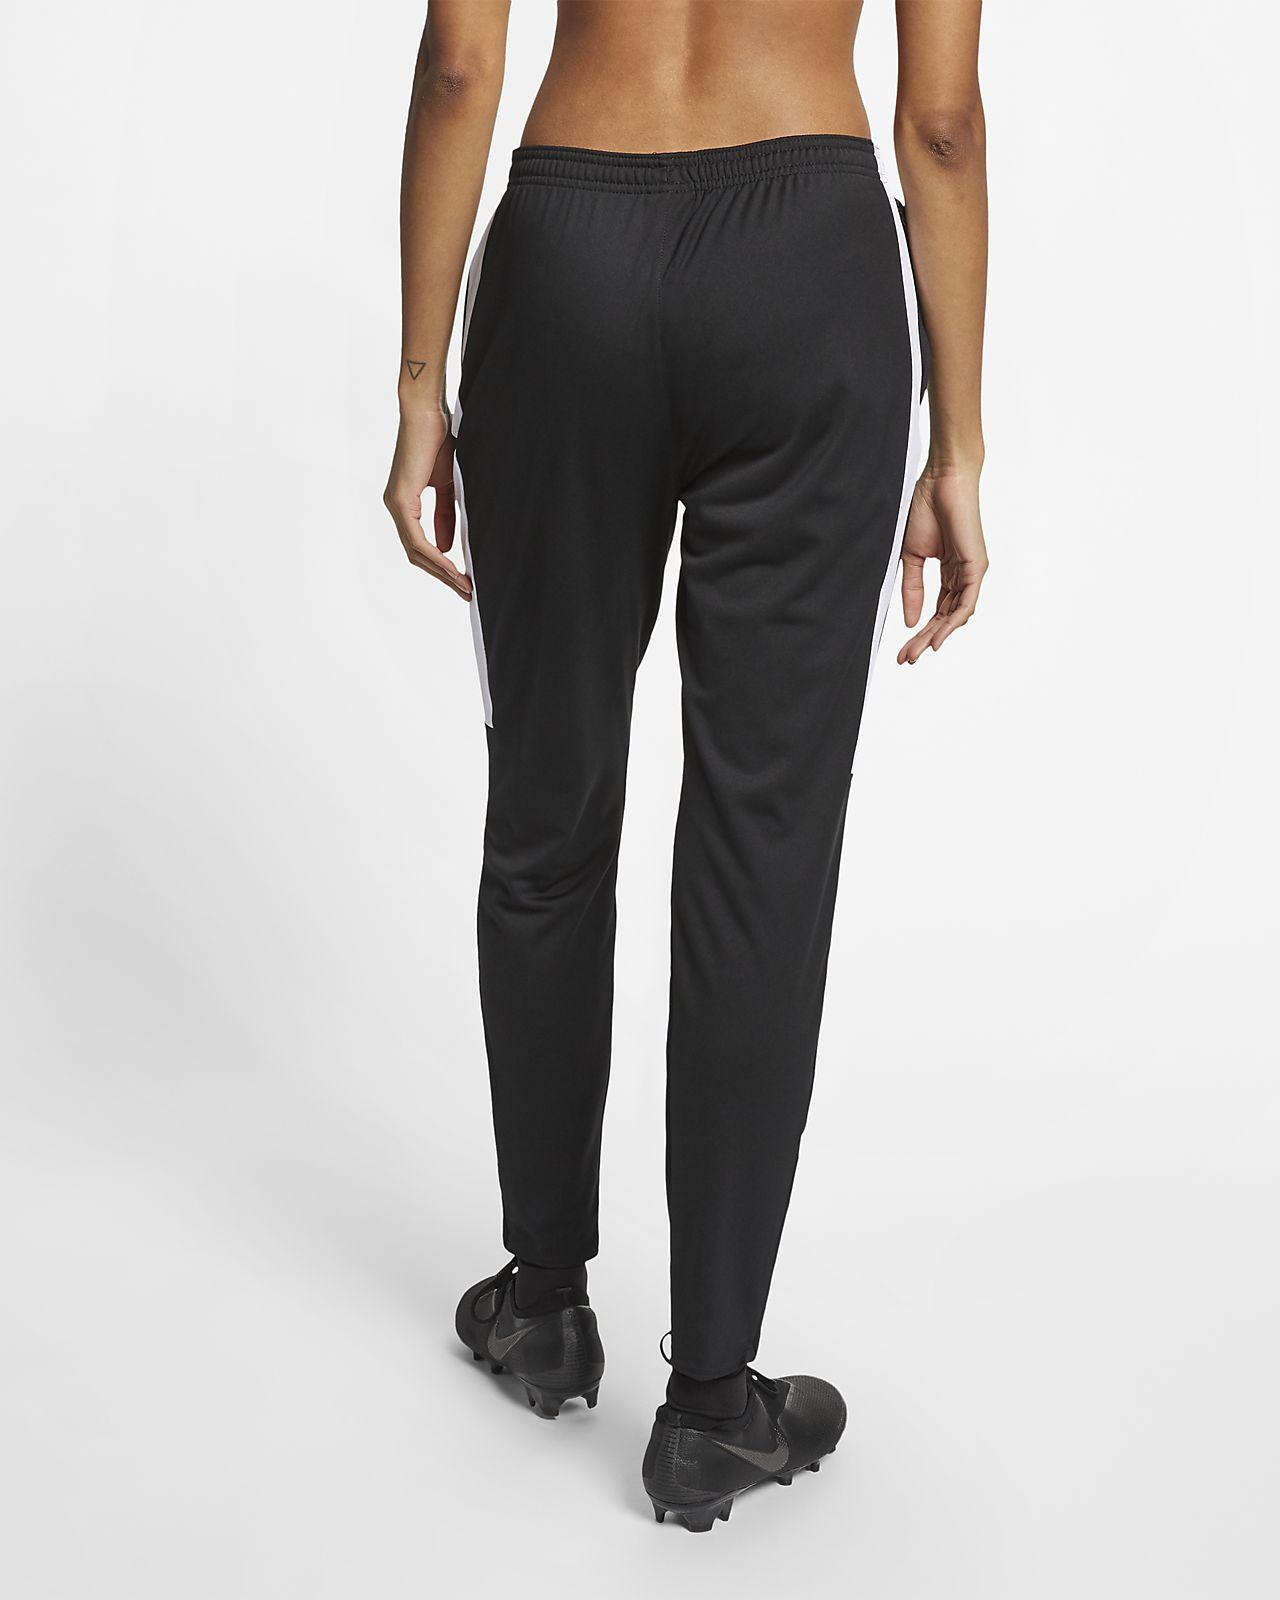 c38dfc8a6a256 Pantalones de fútbol para mujer Nike Dri-FIT Academy. Nike.com MX